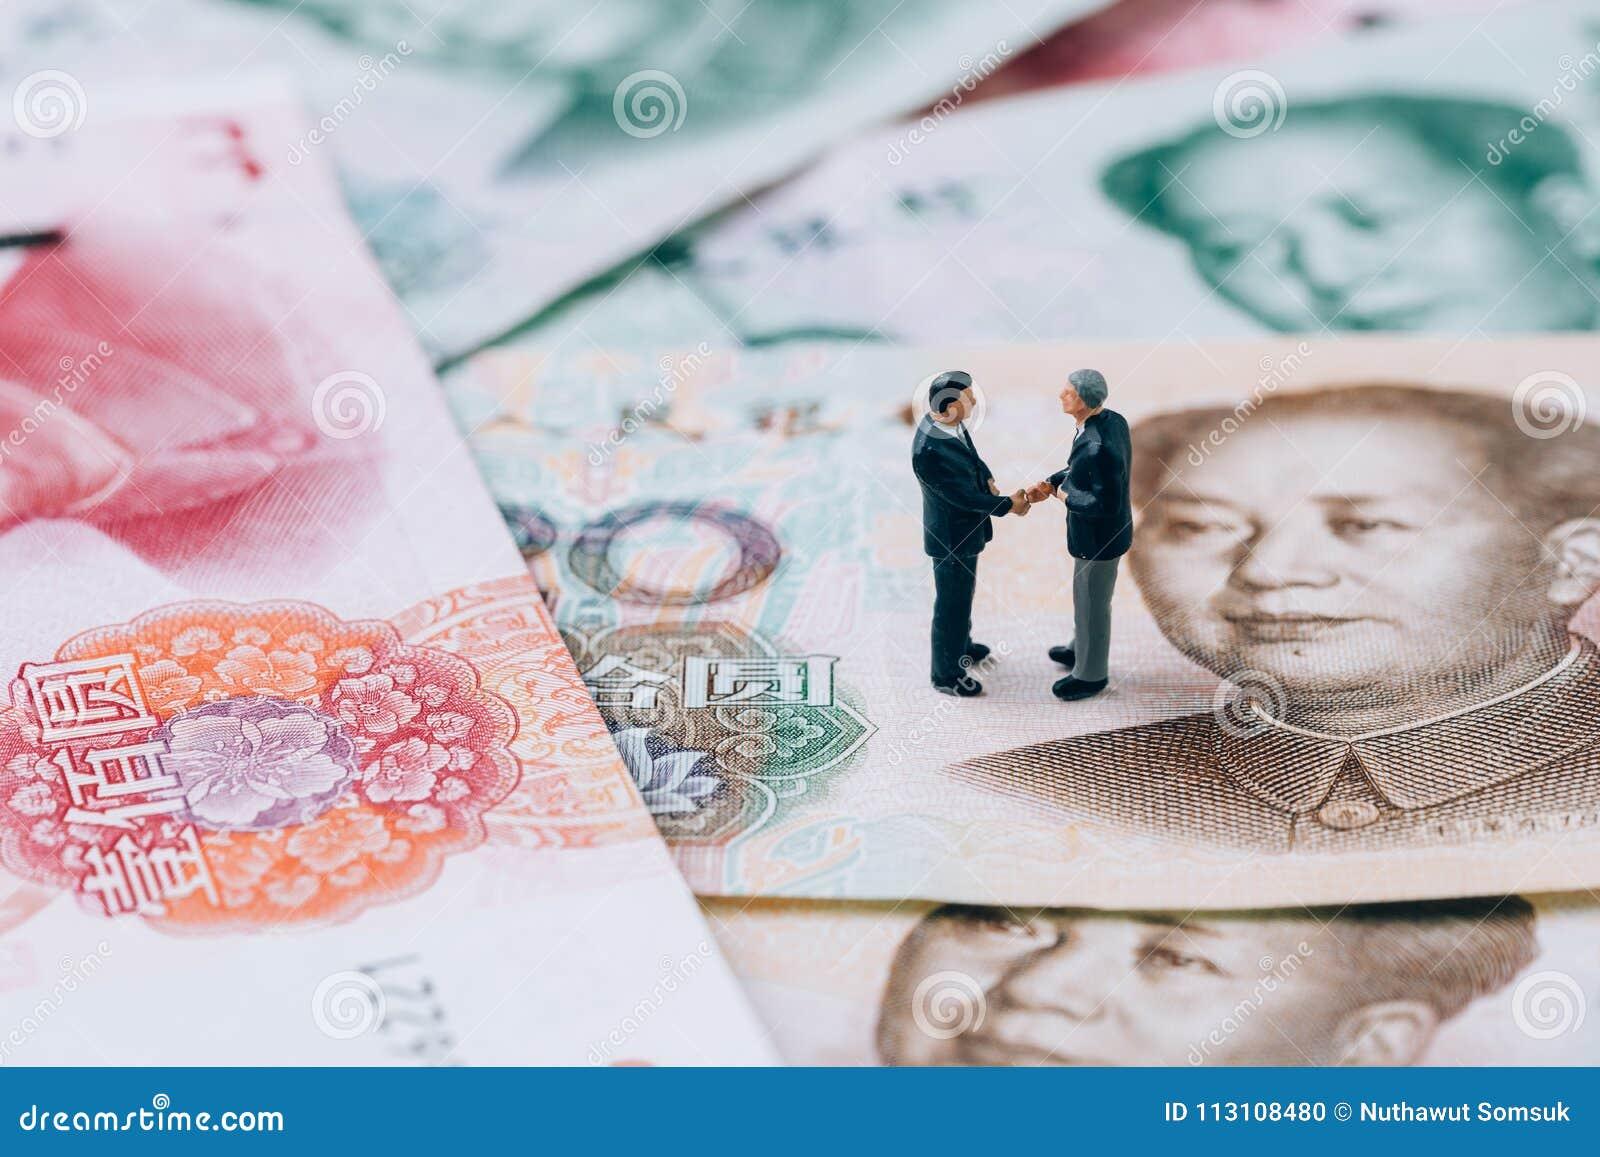 Begrepp för samtal för förhandling för krig för handel för Kina finanstariff, miniatu